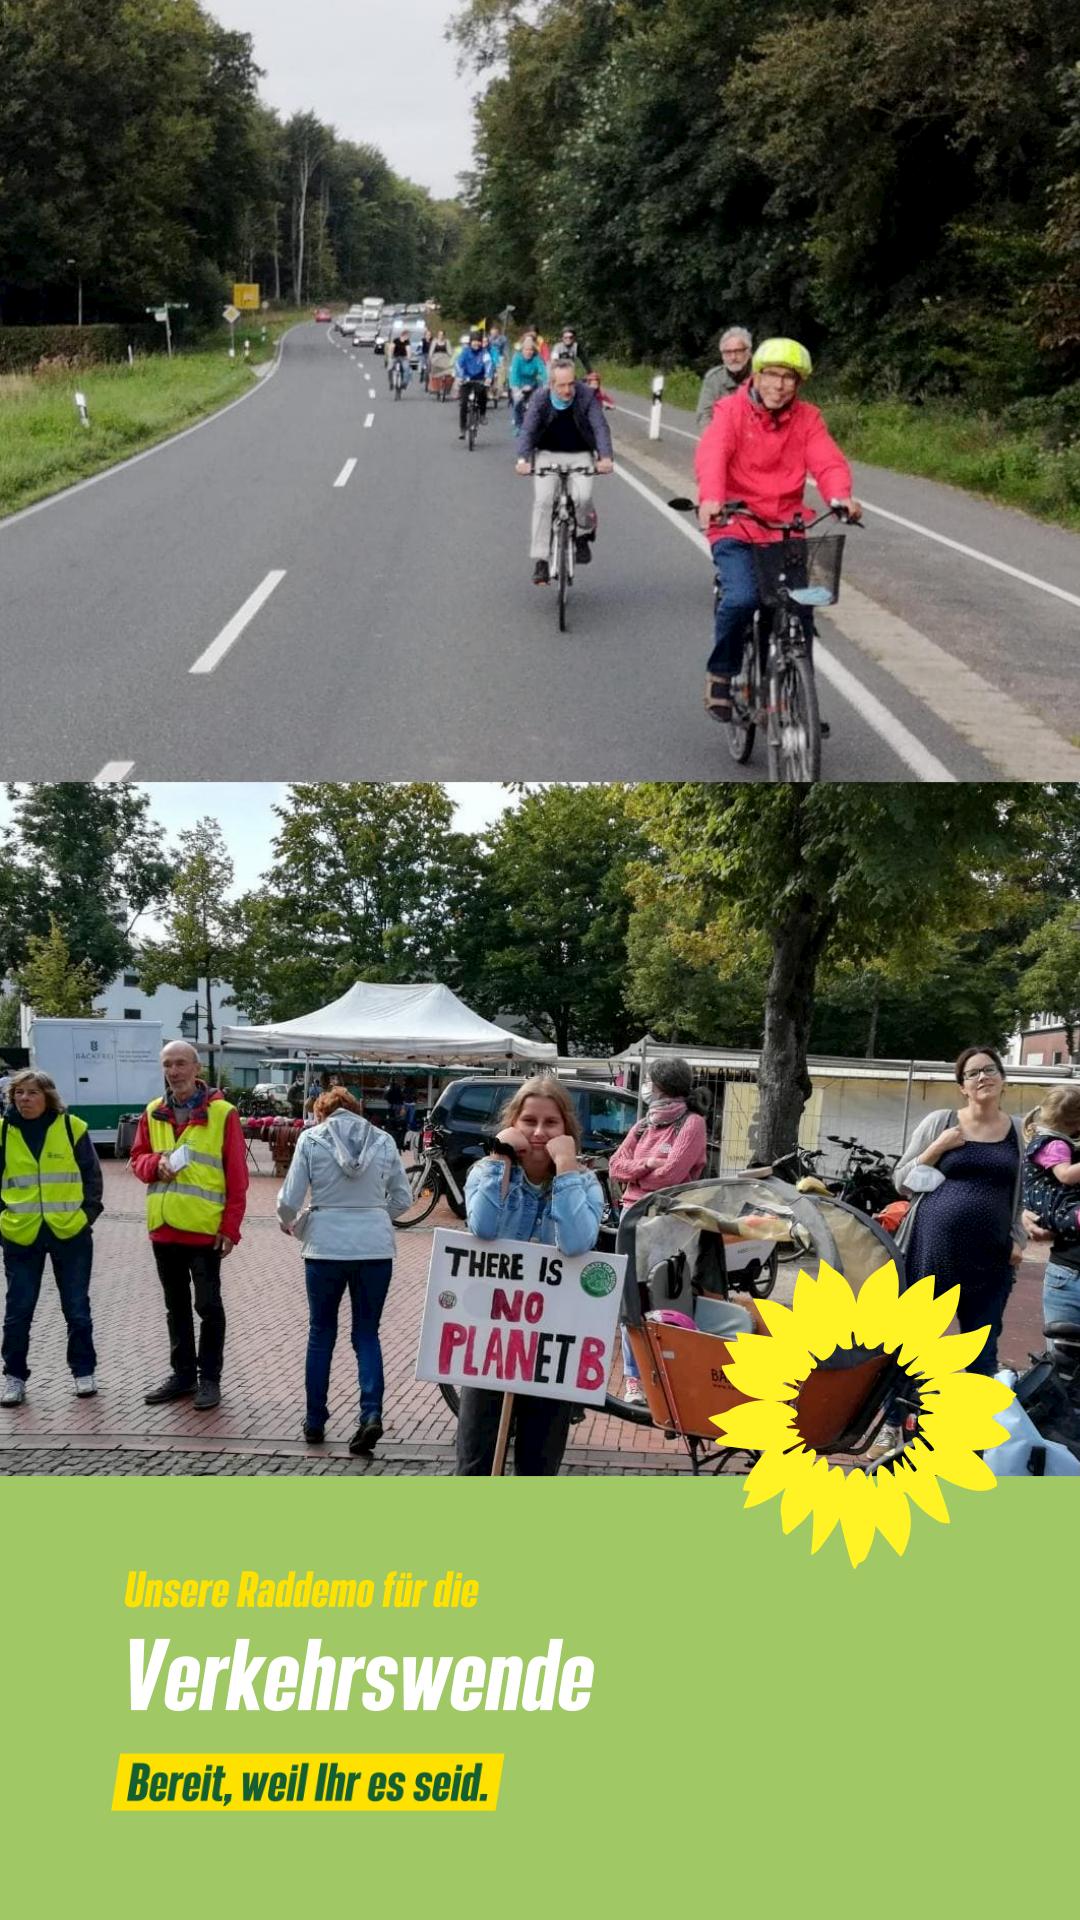 Unsere Raddemo für die Verkehrswende!